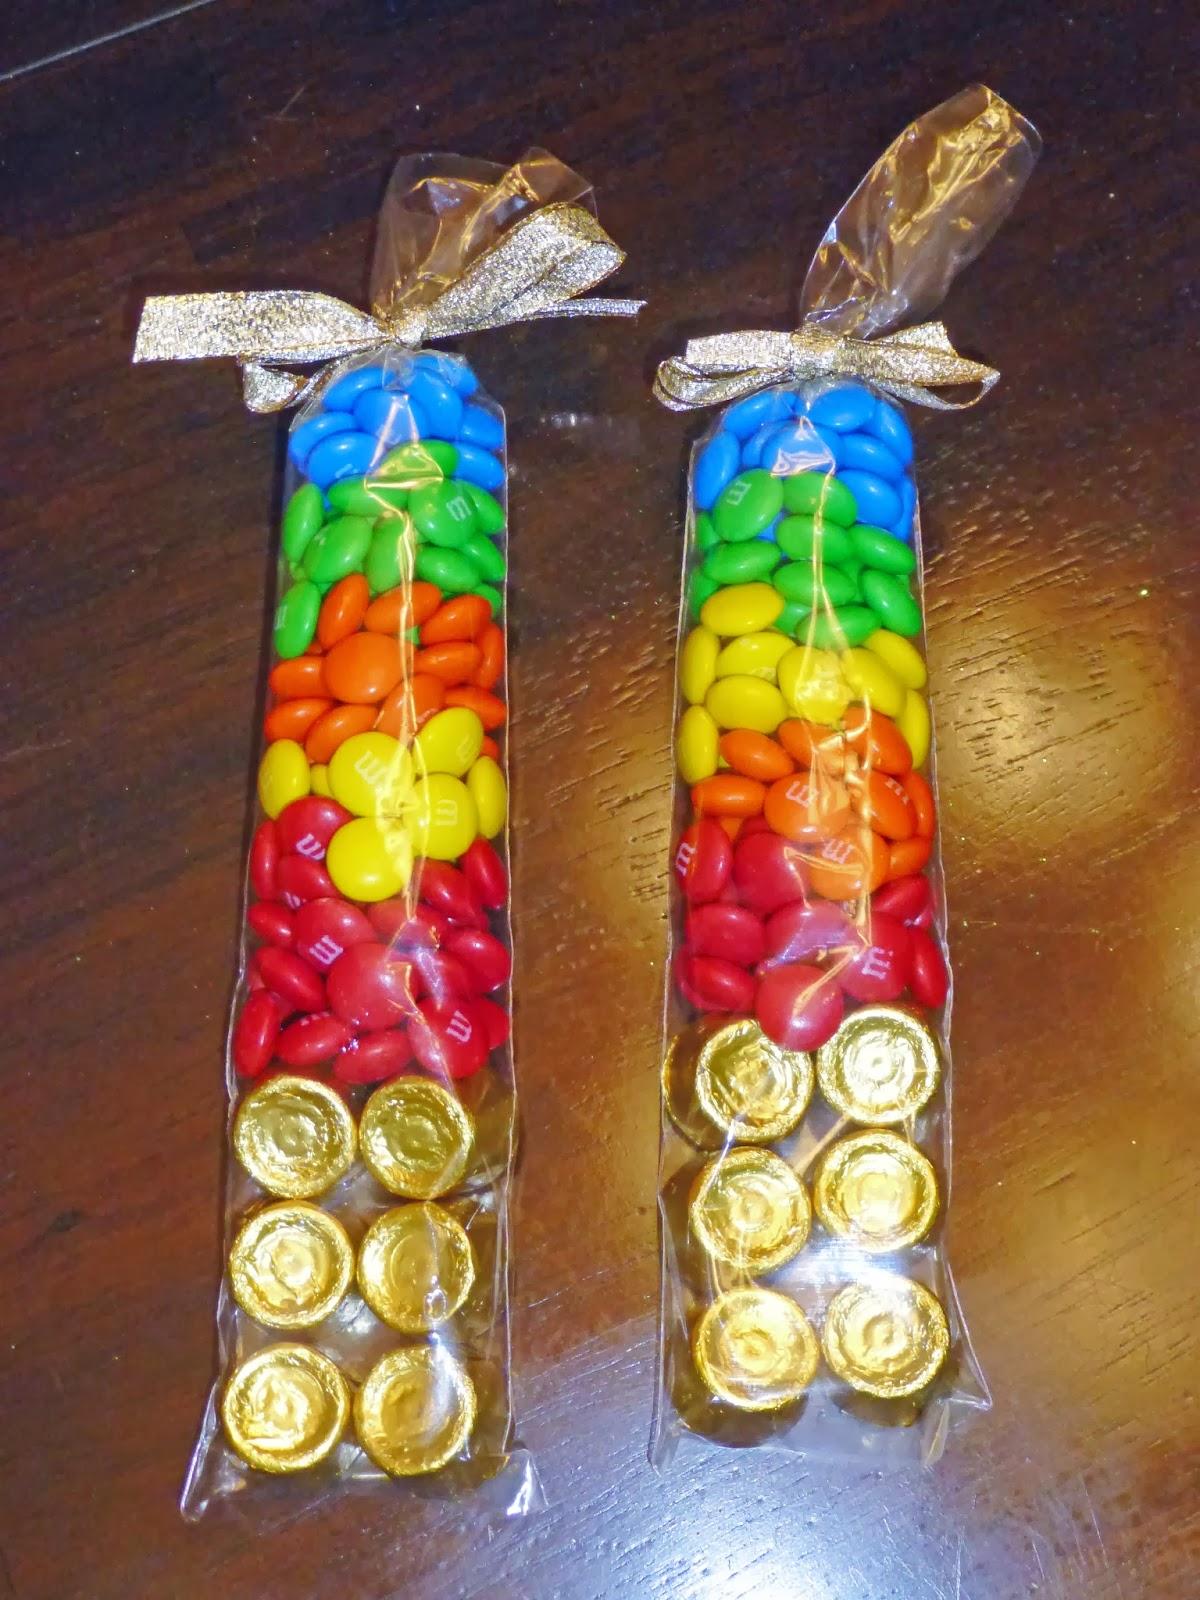 St. Patrick's Candy